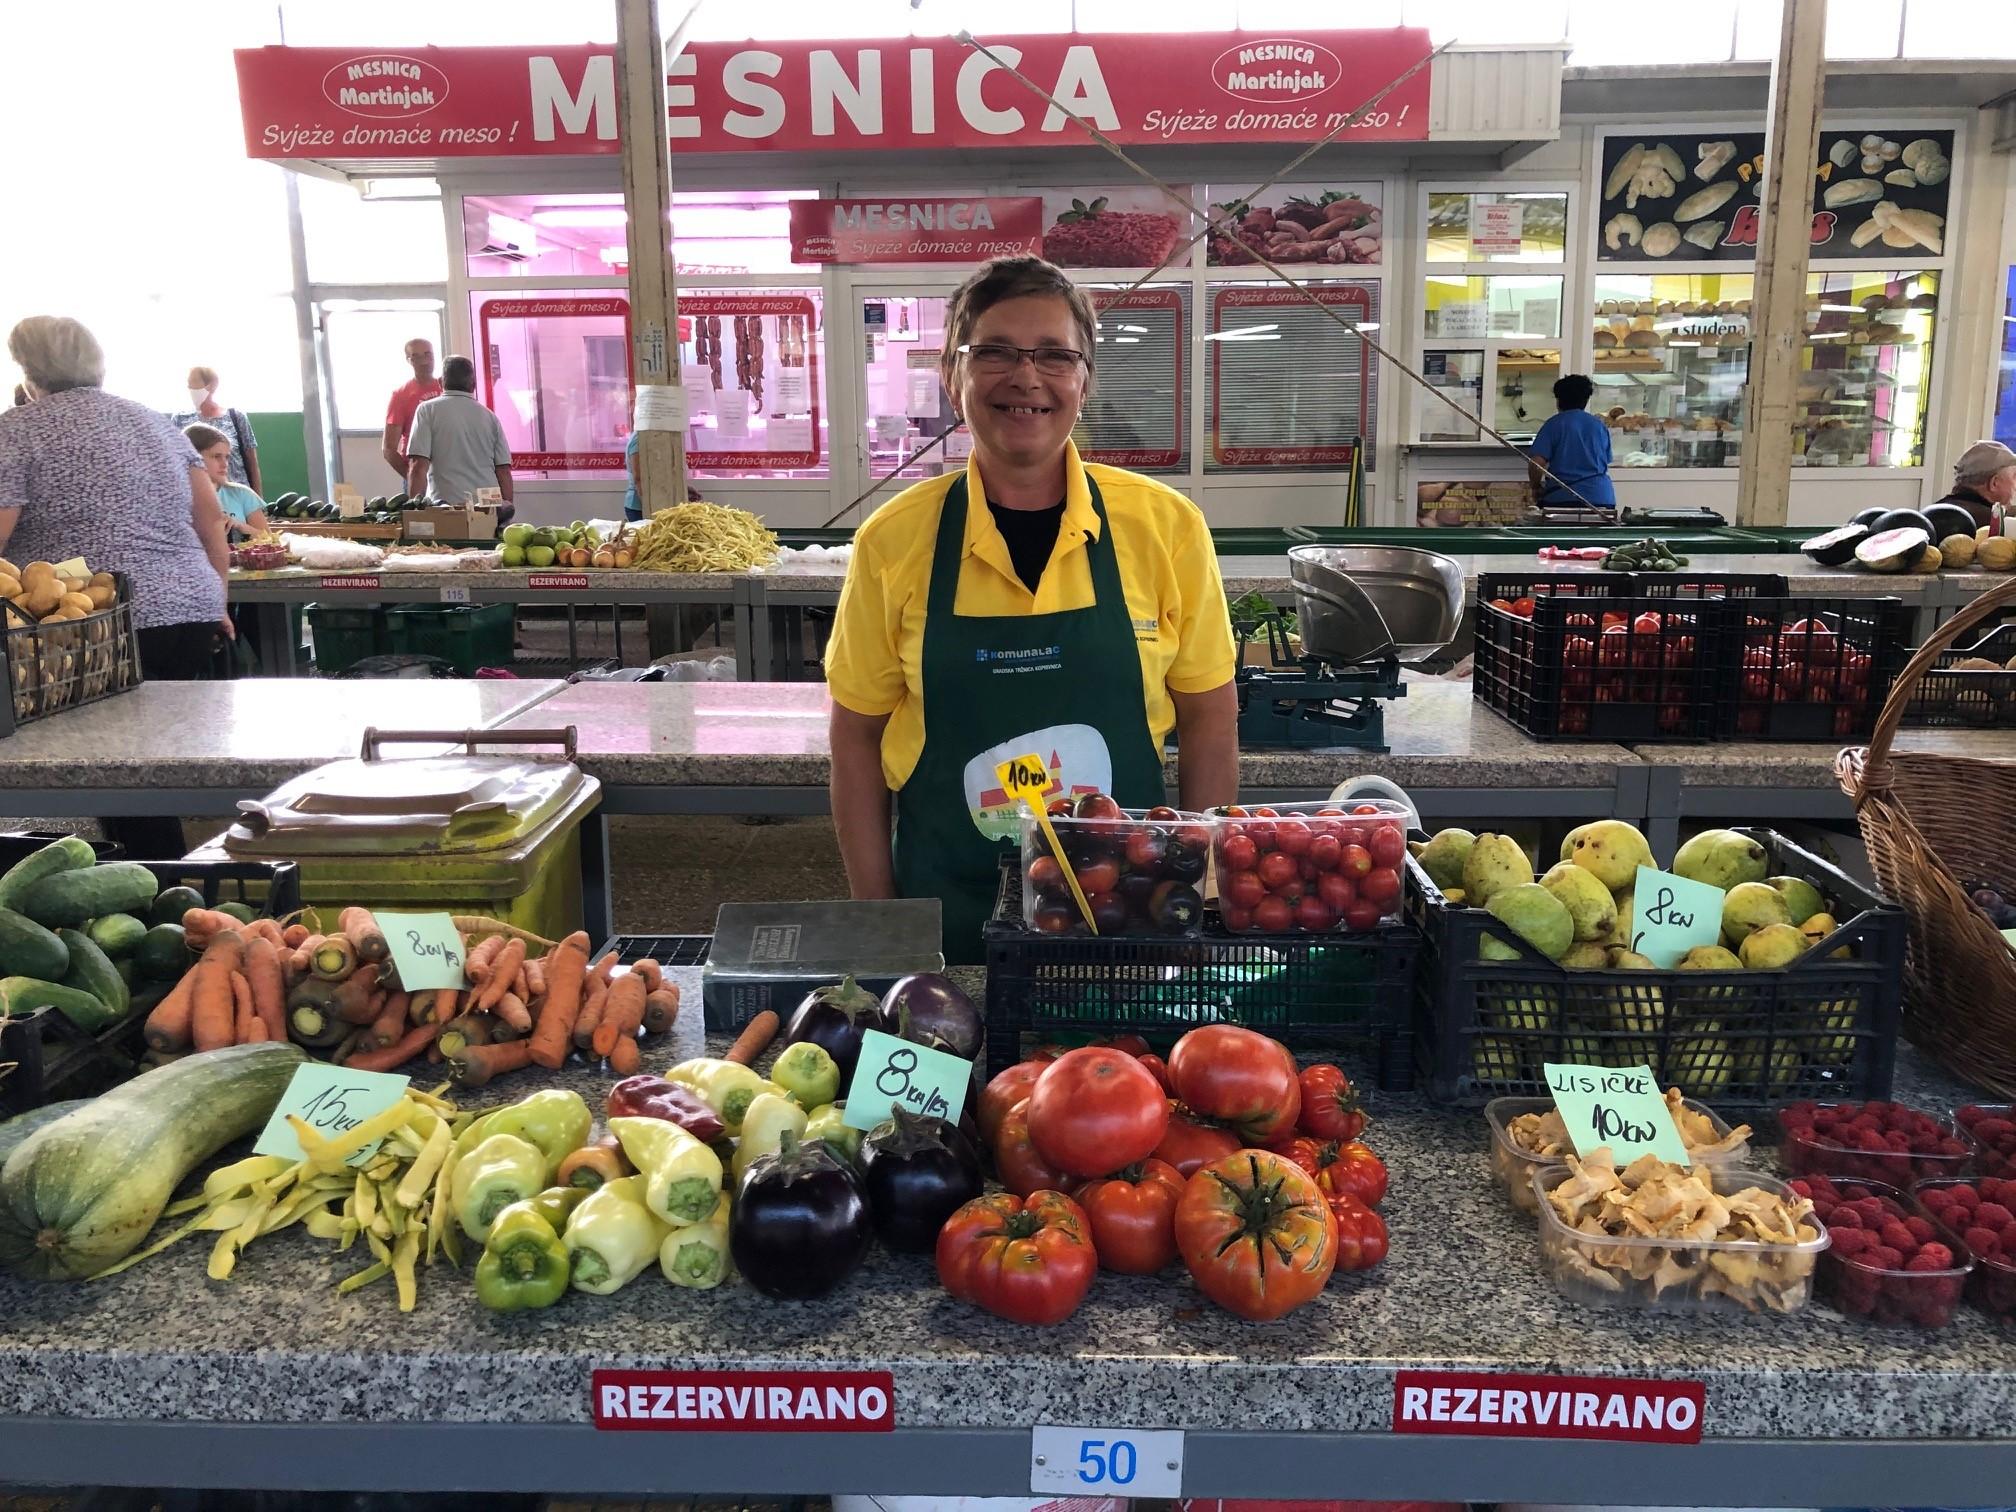 OPG Aida Kosanović na Koprivničkom placu nudi posebne sorte rajčica i Shiitaki gljive